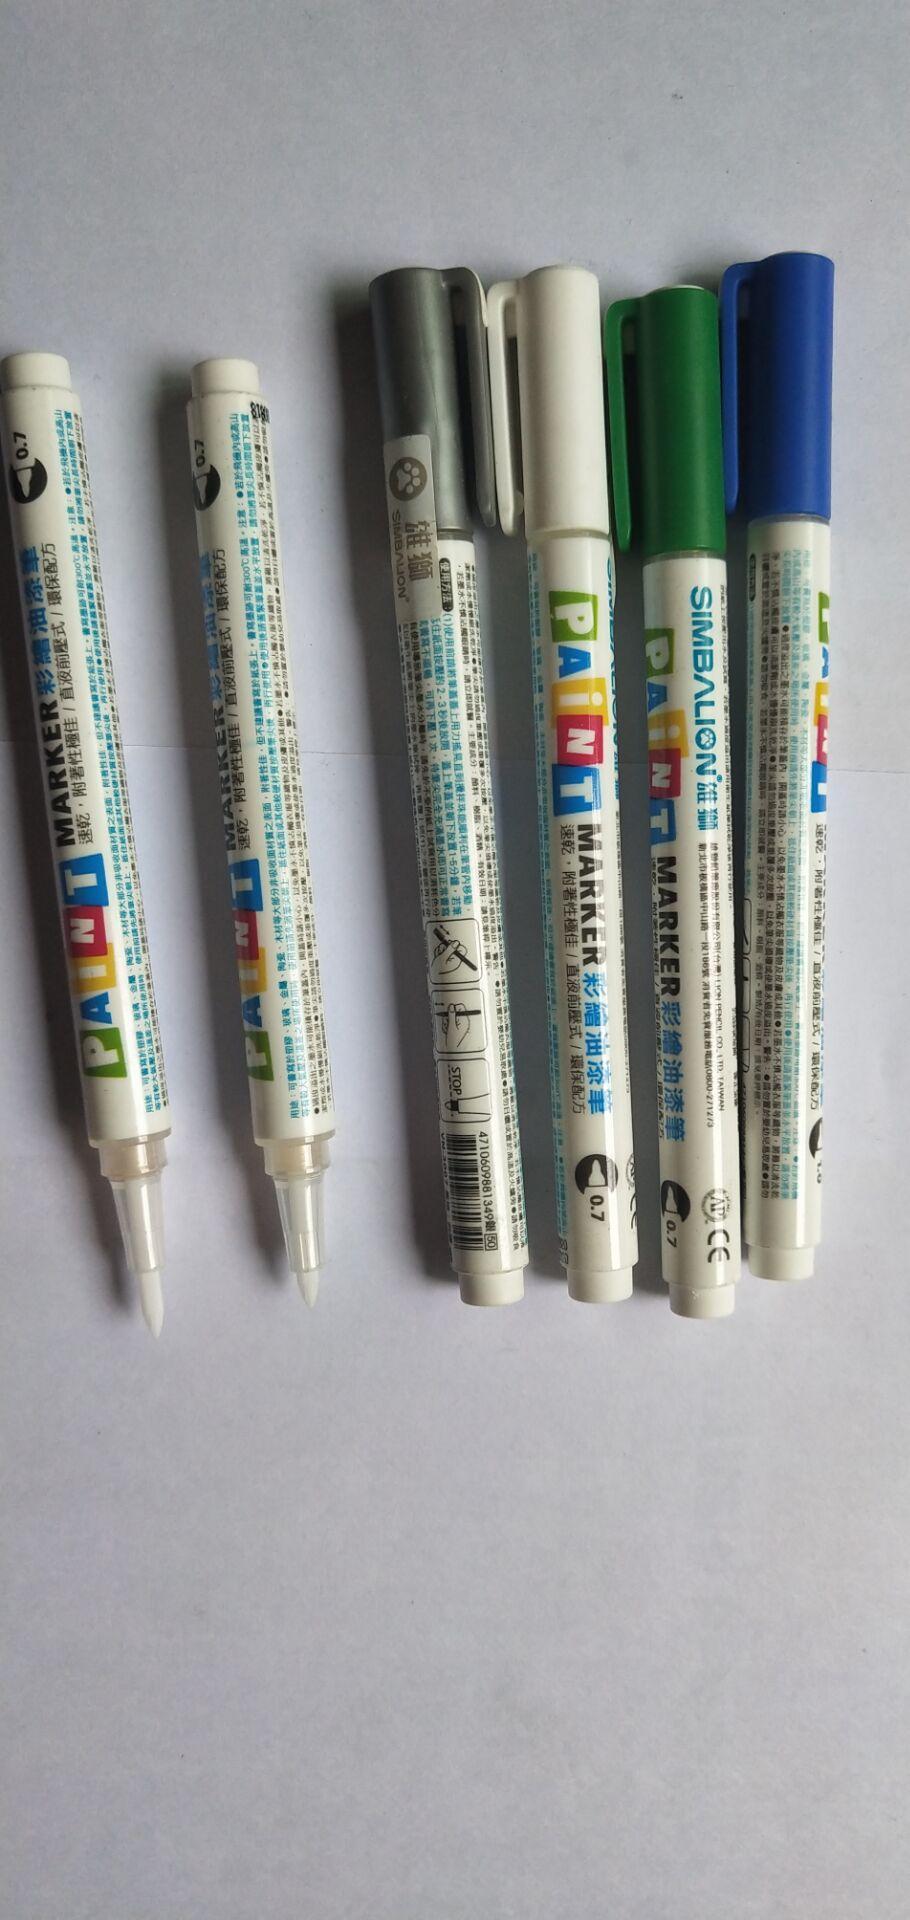 台湾雄狮MARKER彩绘油漆笔(VN-3010)耐高温 正品保证提供SGS 1